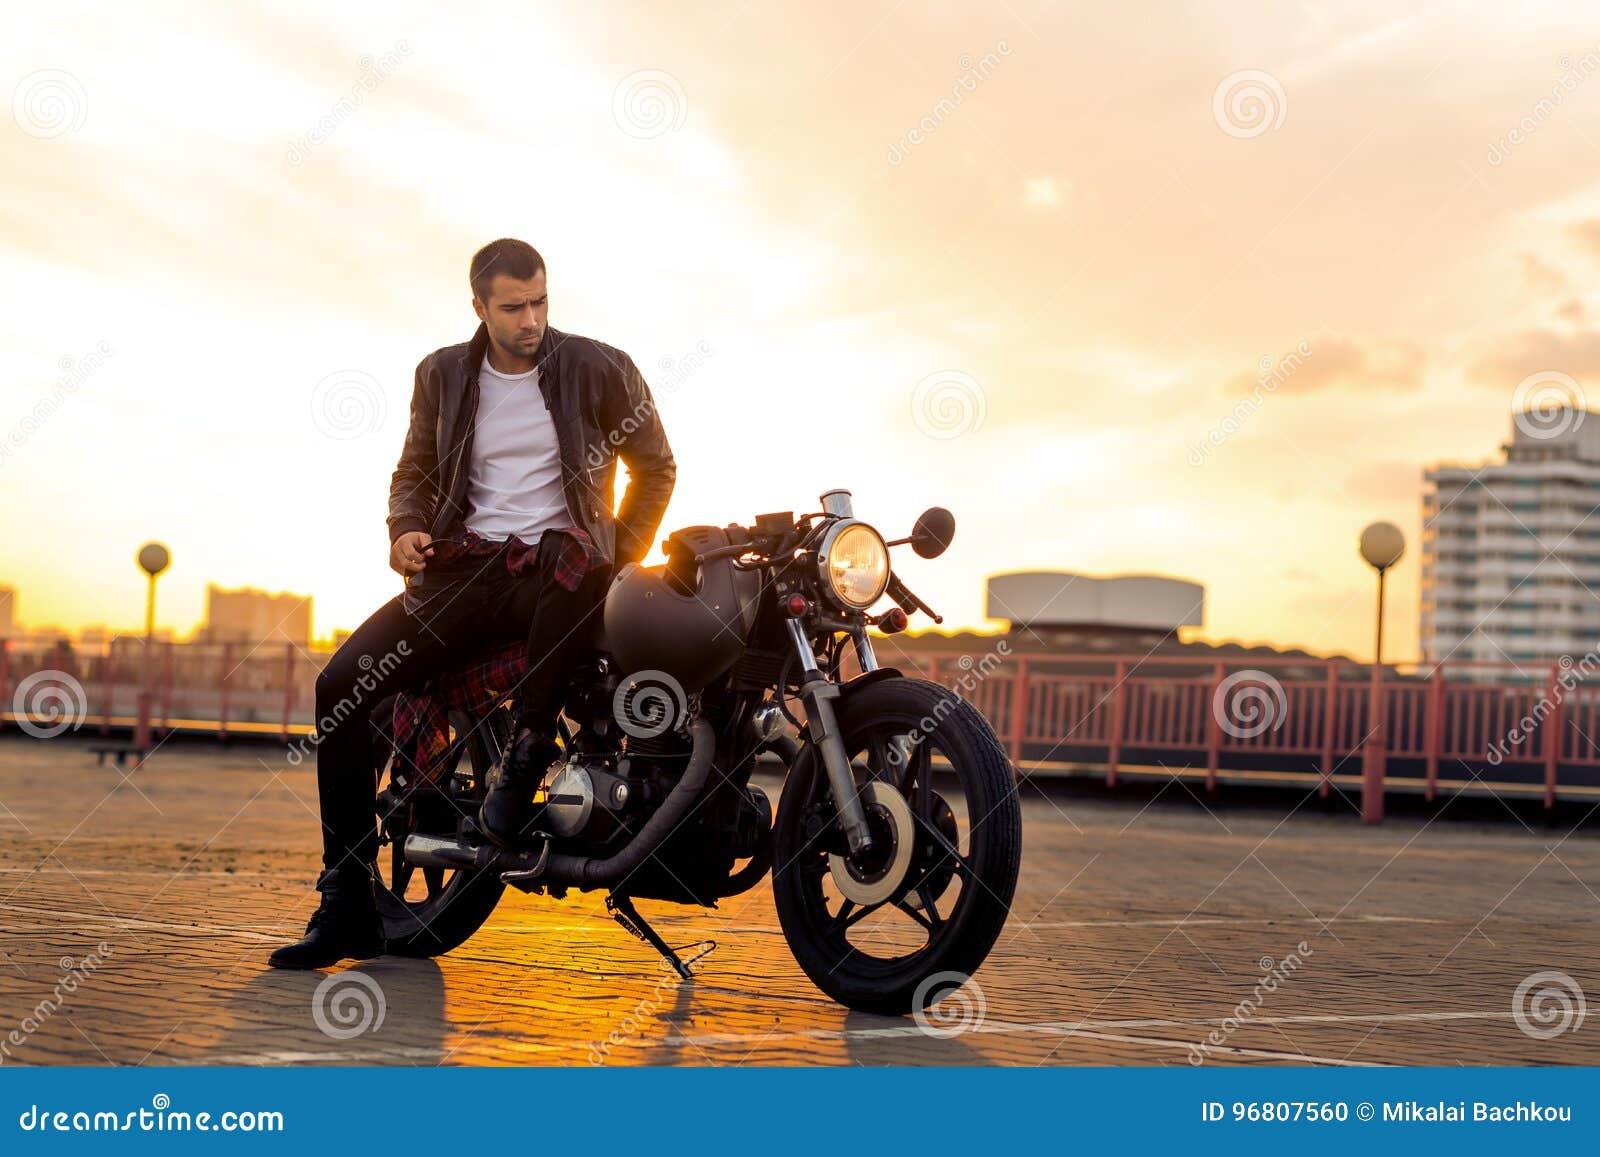 Το βάναυσο άτομο κάθεται στη μοτοσικλέτα συνήθειας δρομέων καφέδων